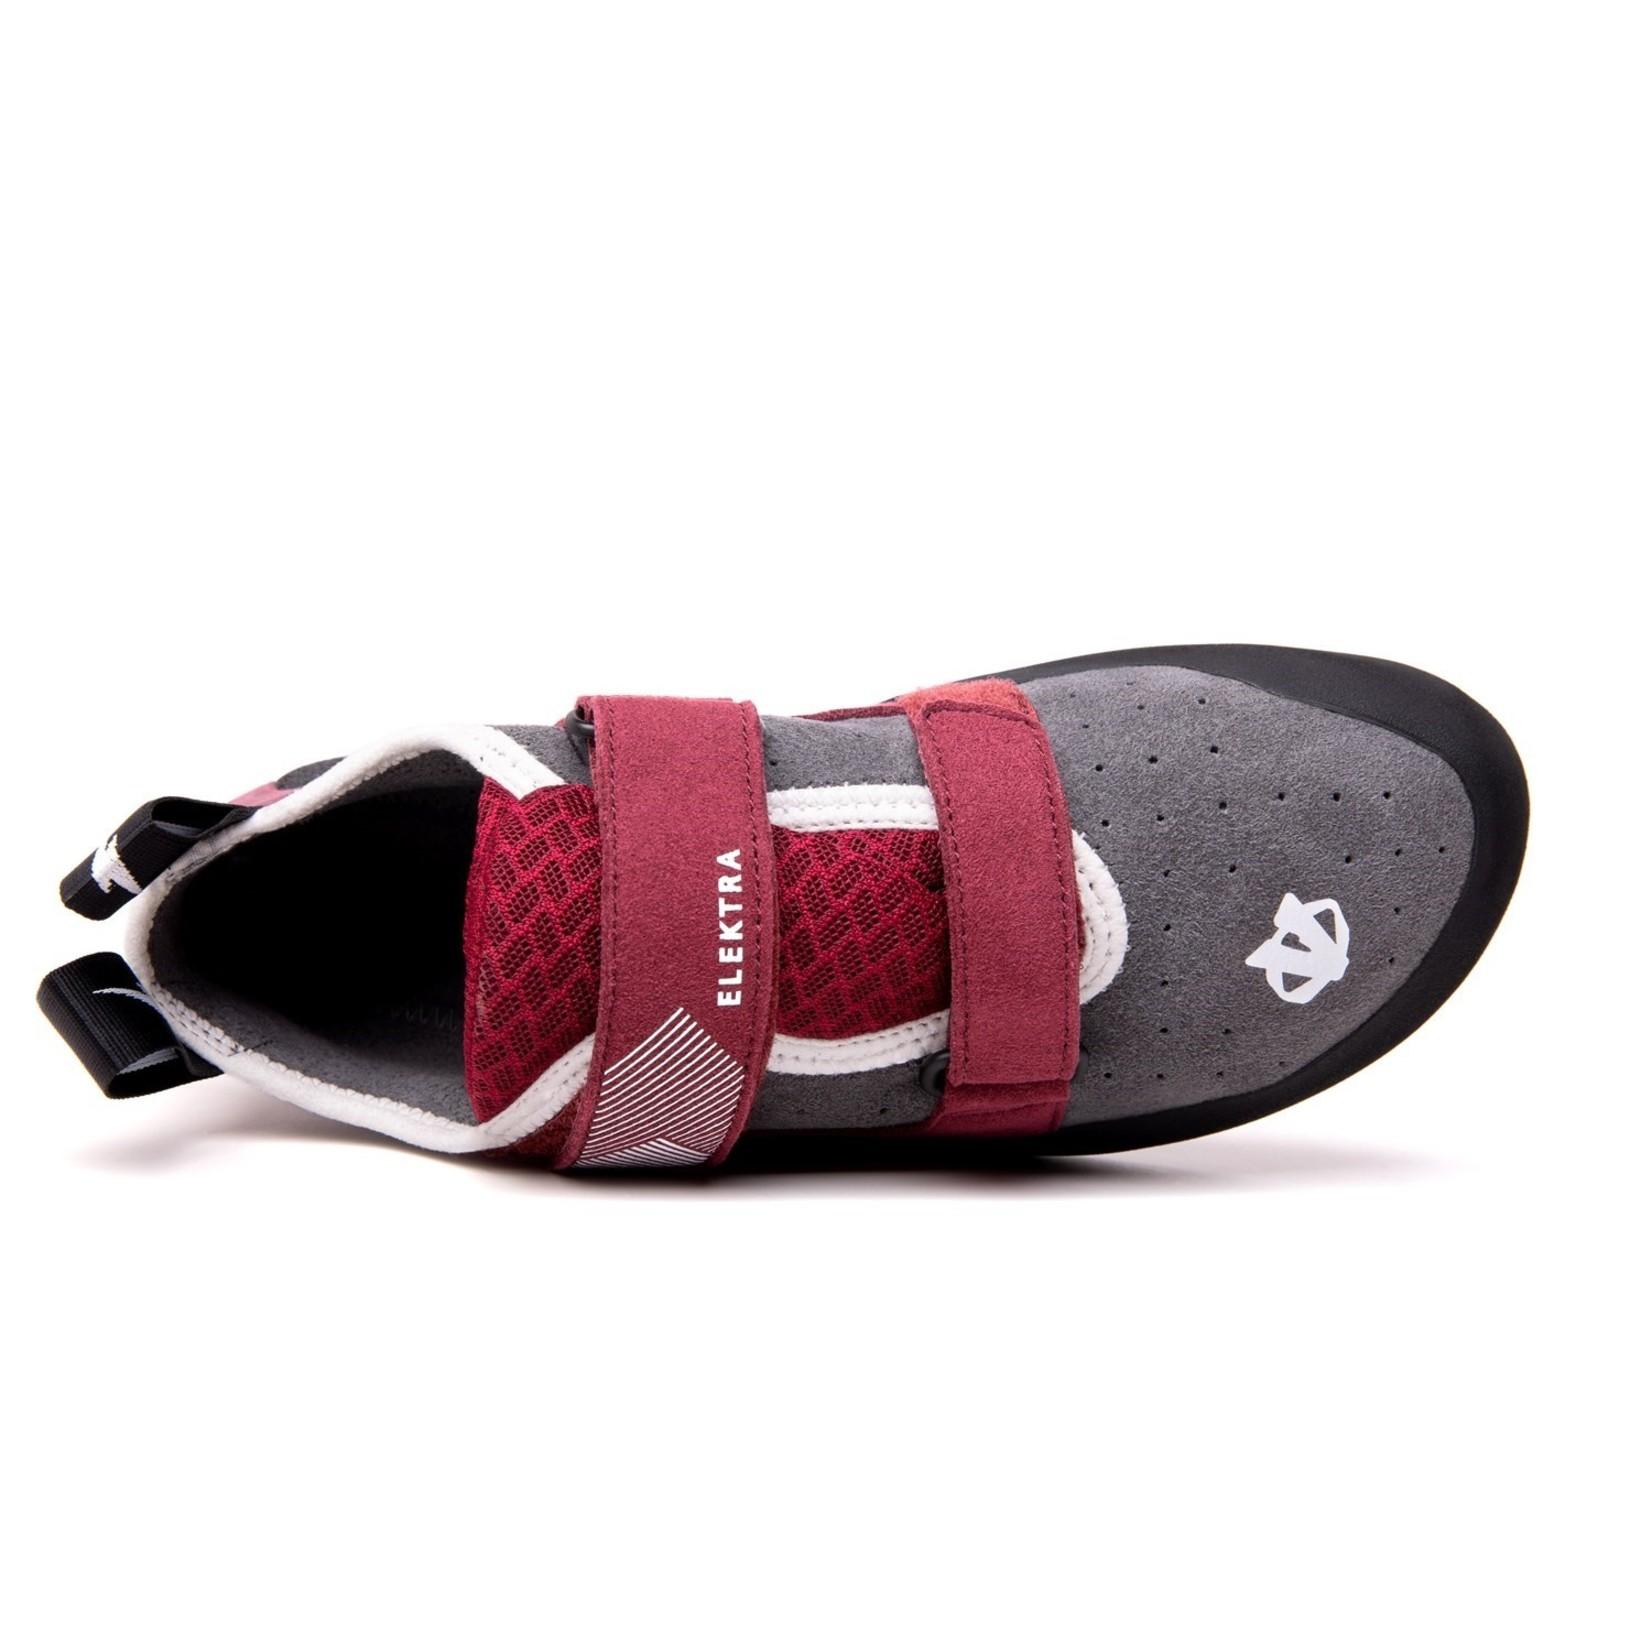 Evolv Evolv Elektra Velcro Climbing Shoes